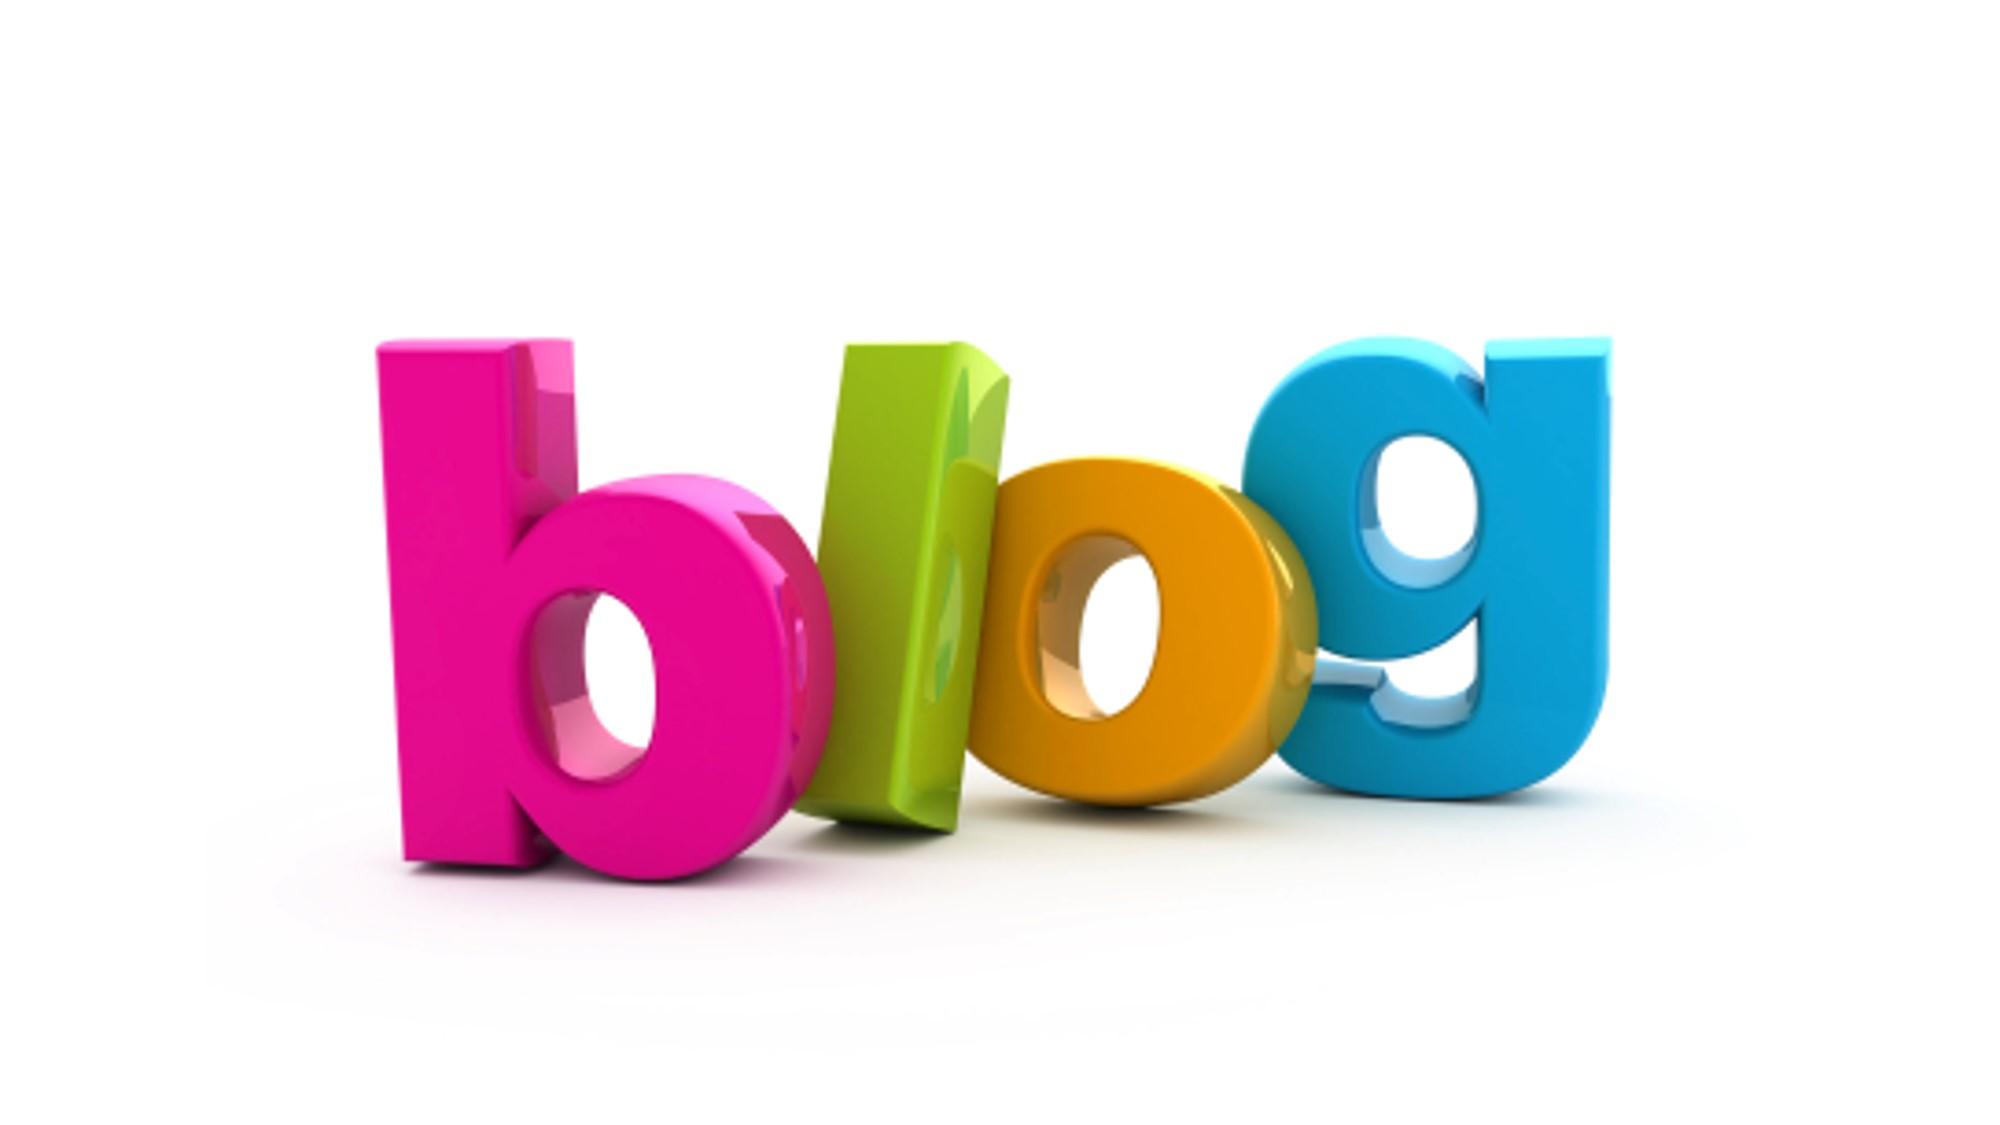 ブログの「更新頻度」はどれぐらいが効果的なのか?